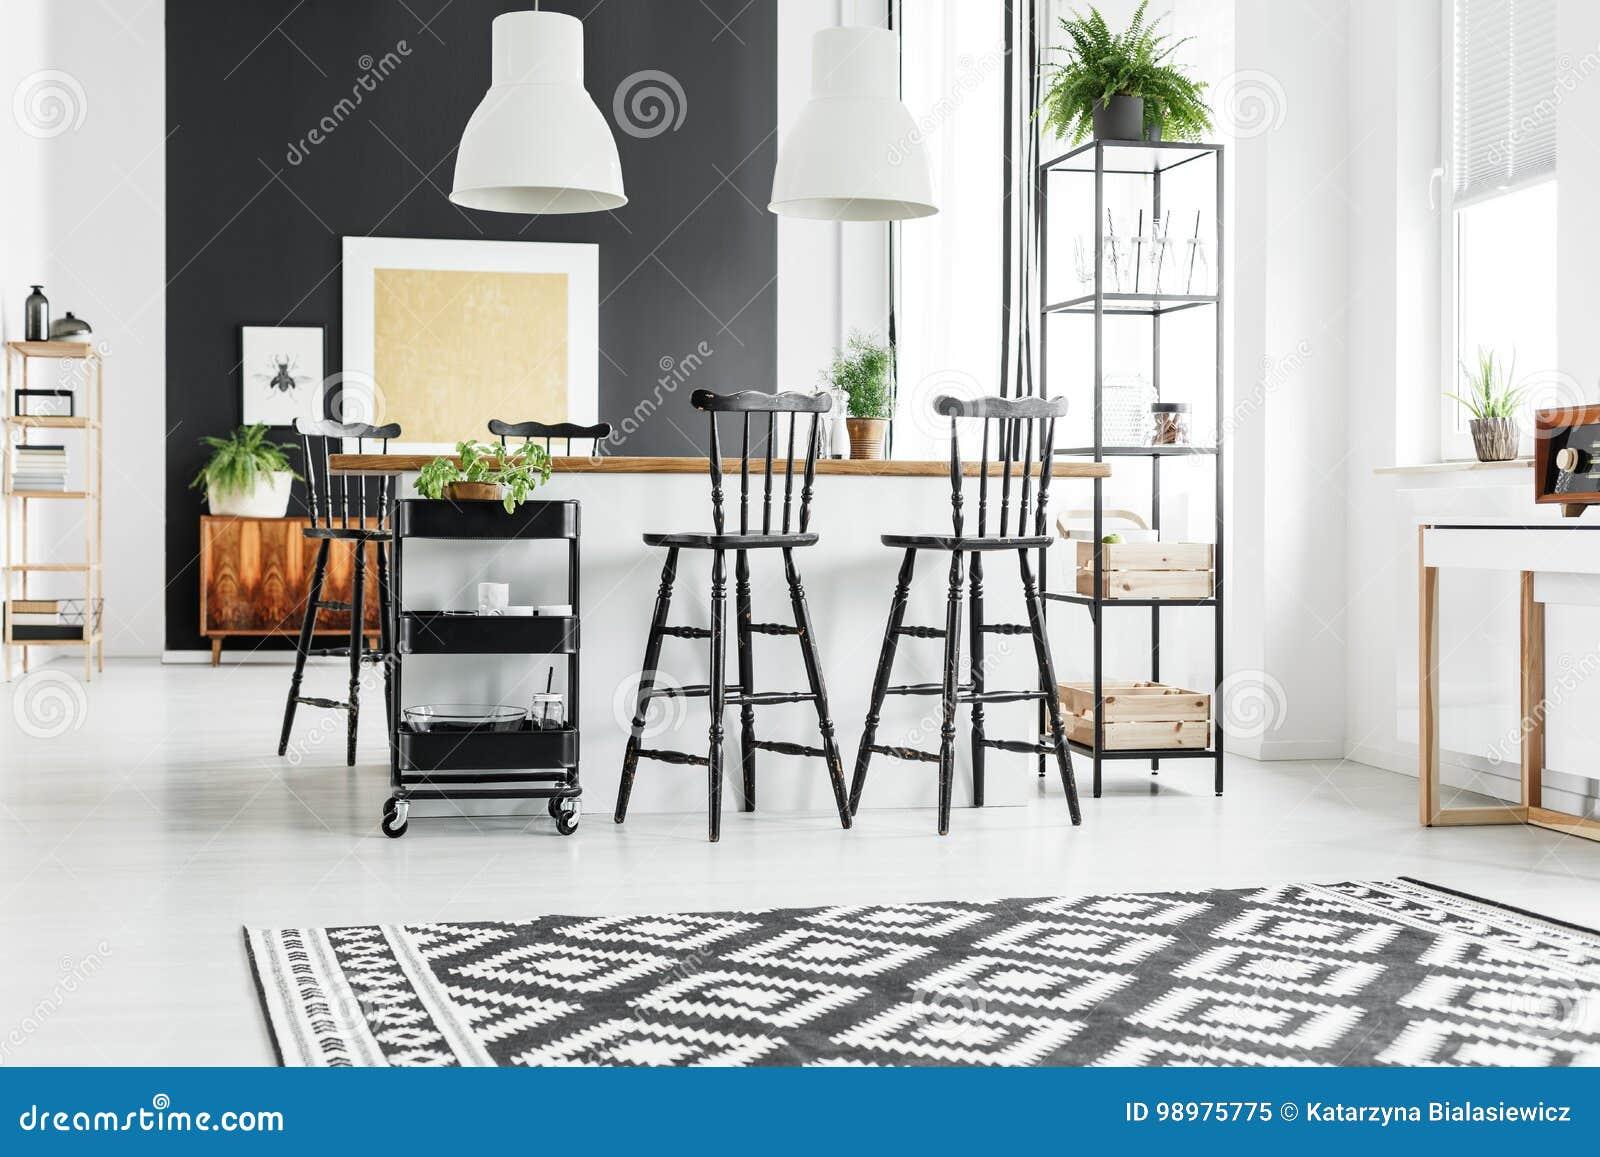 Cucina rustica con gli sgabelli da bar immagine stock immagine